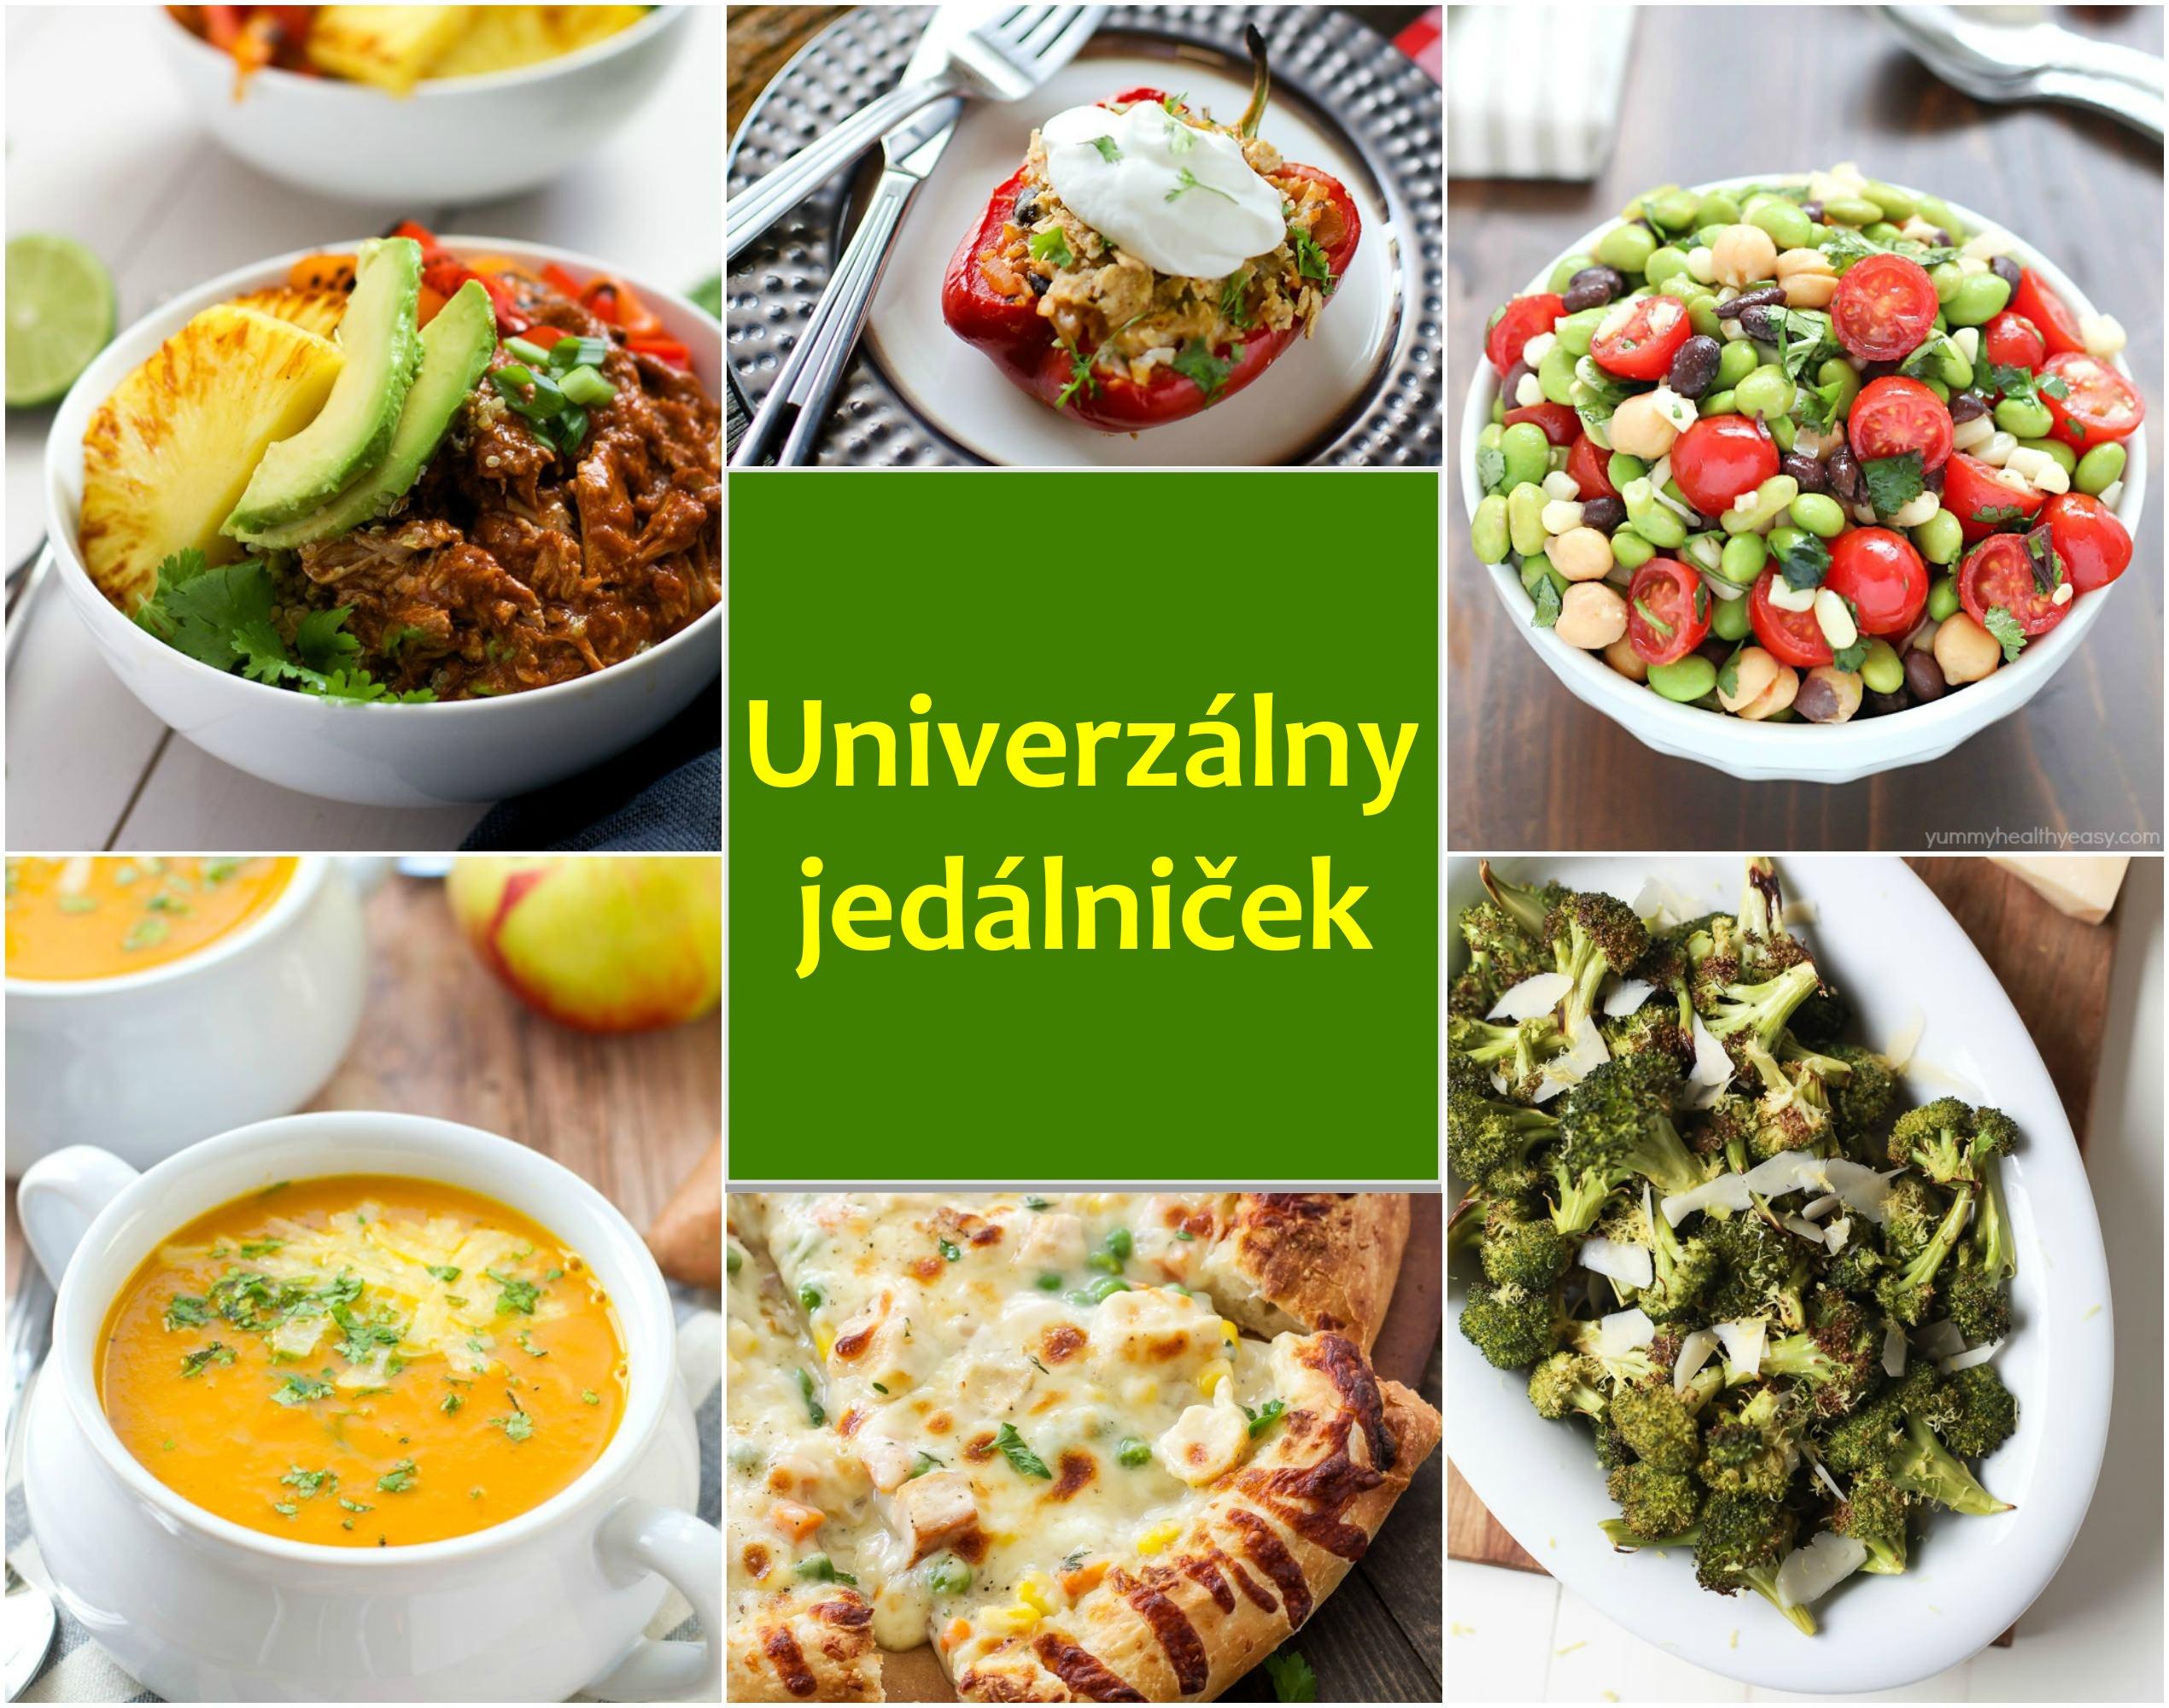 univerzalny_jedalnicek